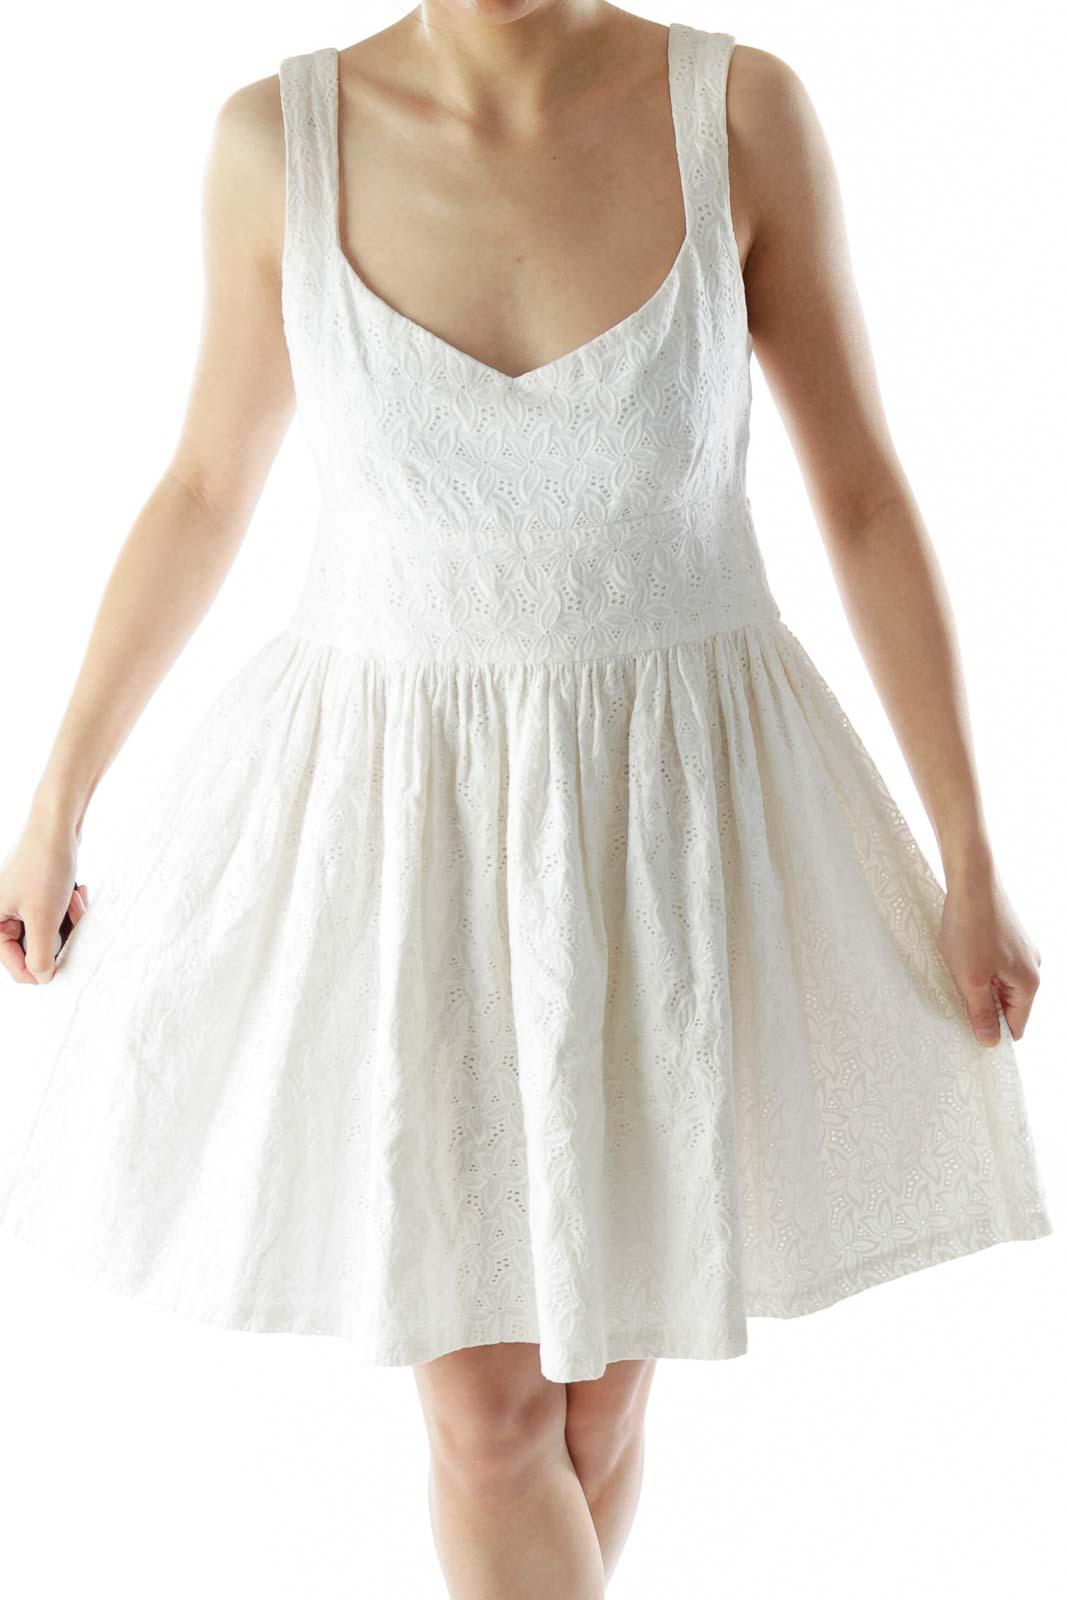 White Flower Flared Day Dress